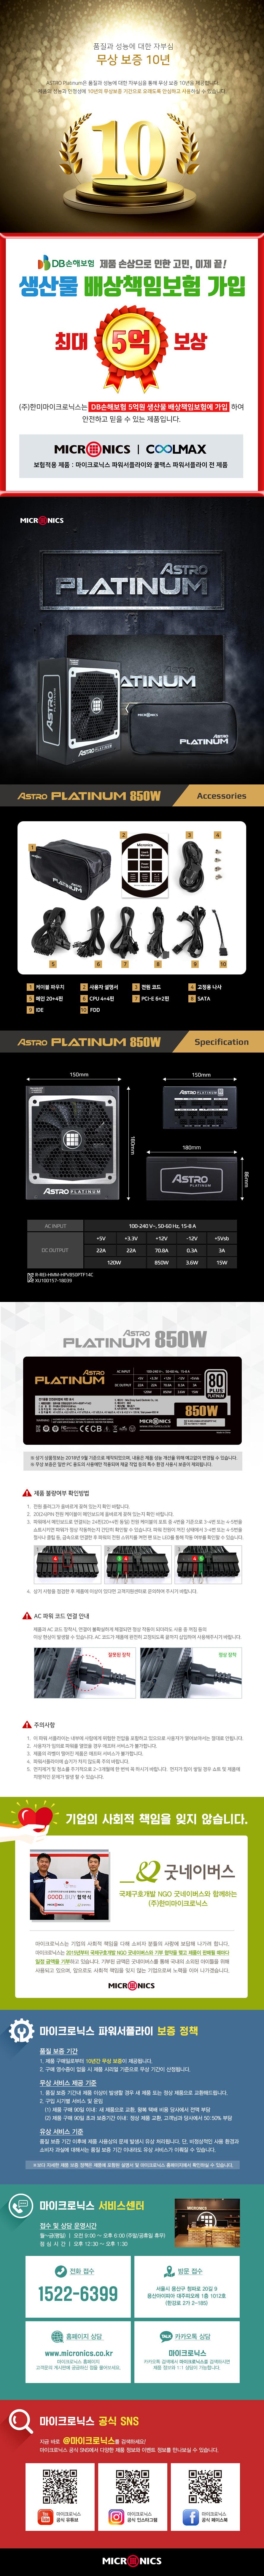 마이크로닉스 ASTRO Platinum 850W 풀모듈러